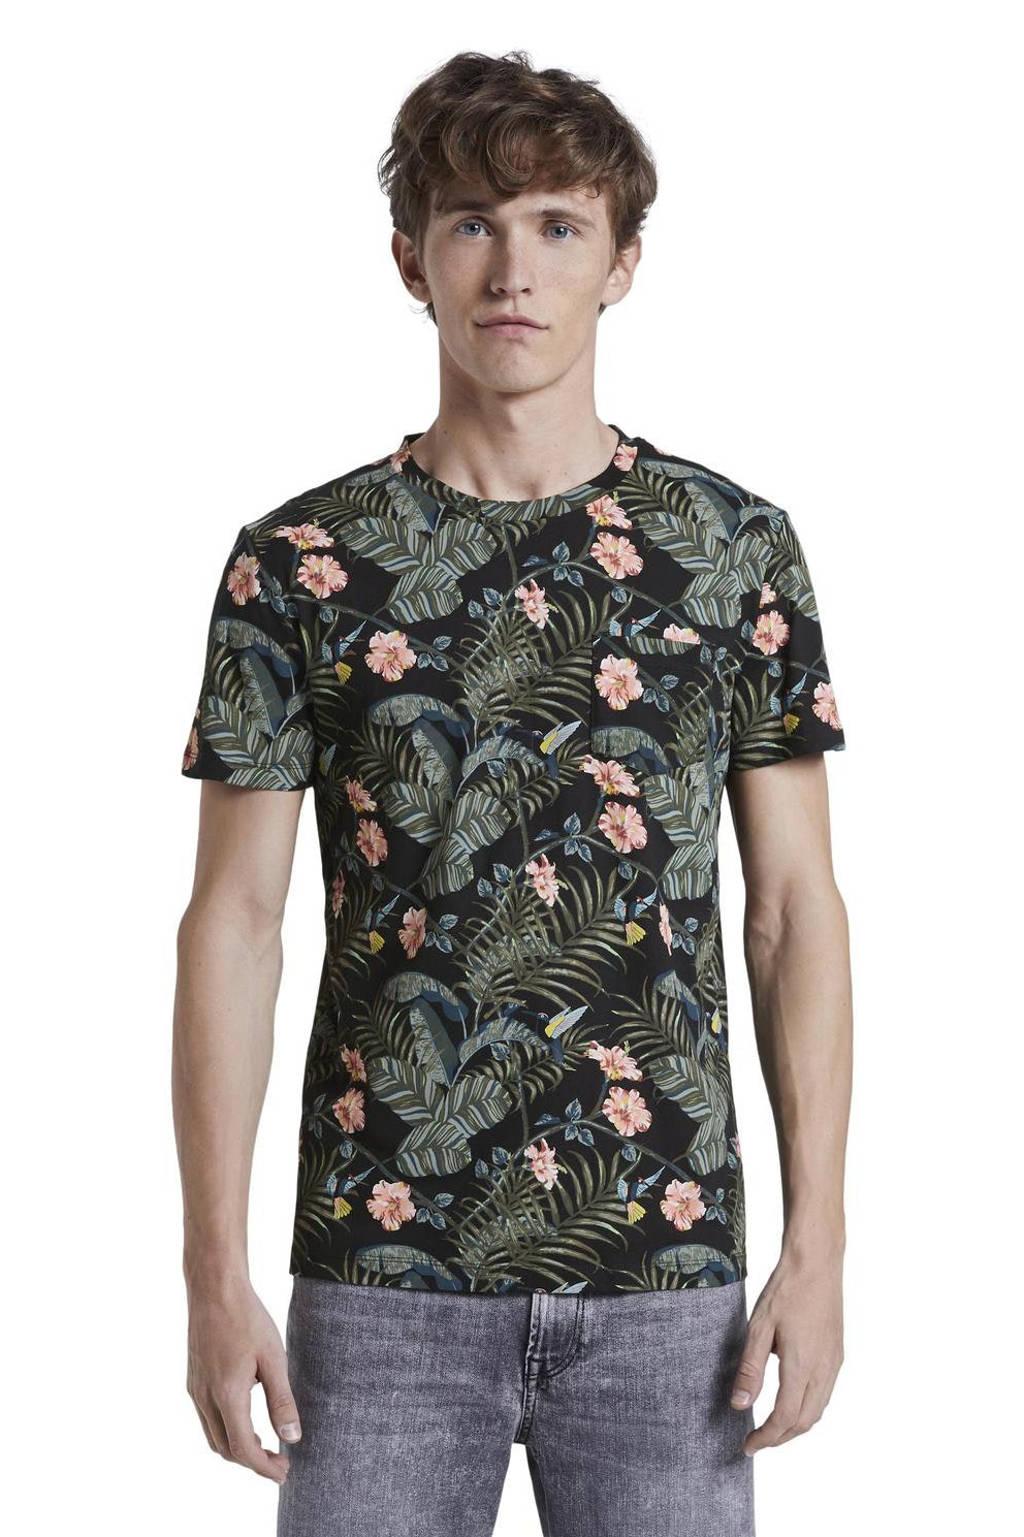 Tom Tailor Denim gebloemd T-shirt zwart/groen, Zwart/groen